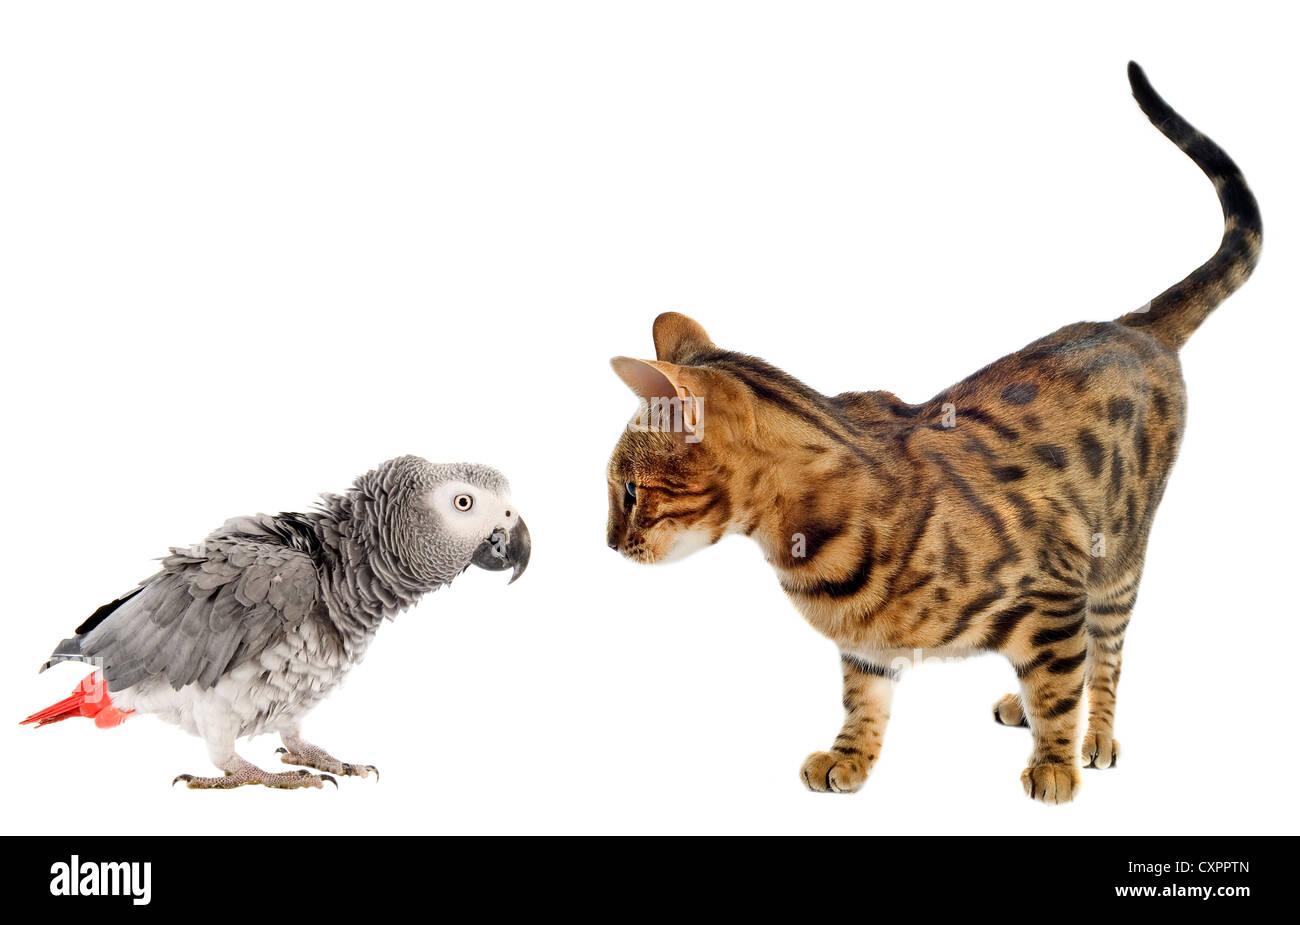 A spaventare africano grigio Parrotand Gatto bengala davanti a uno sfondo bianco Foto Stock